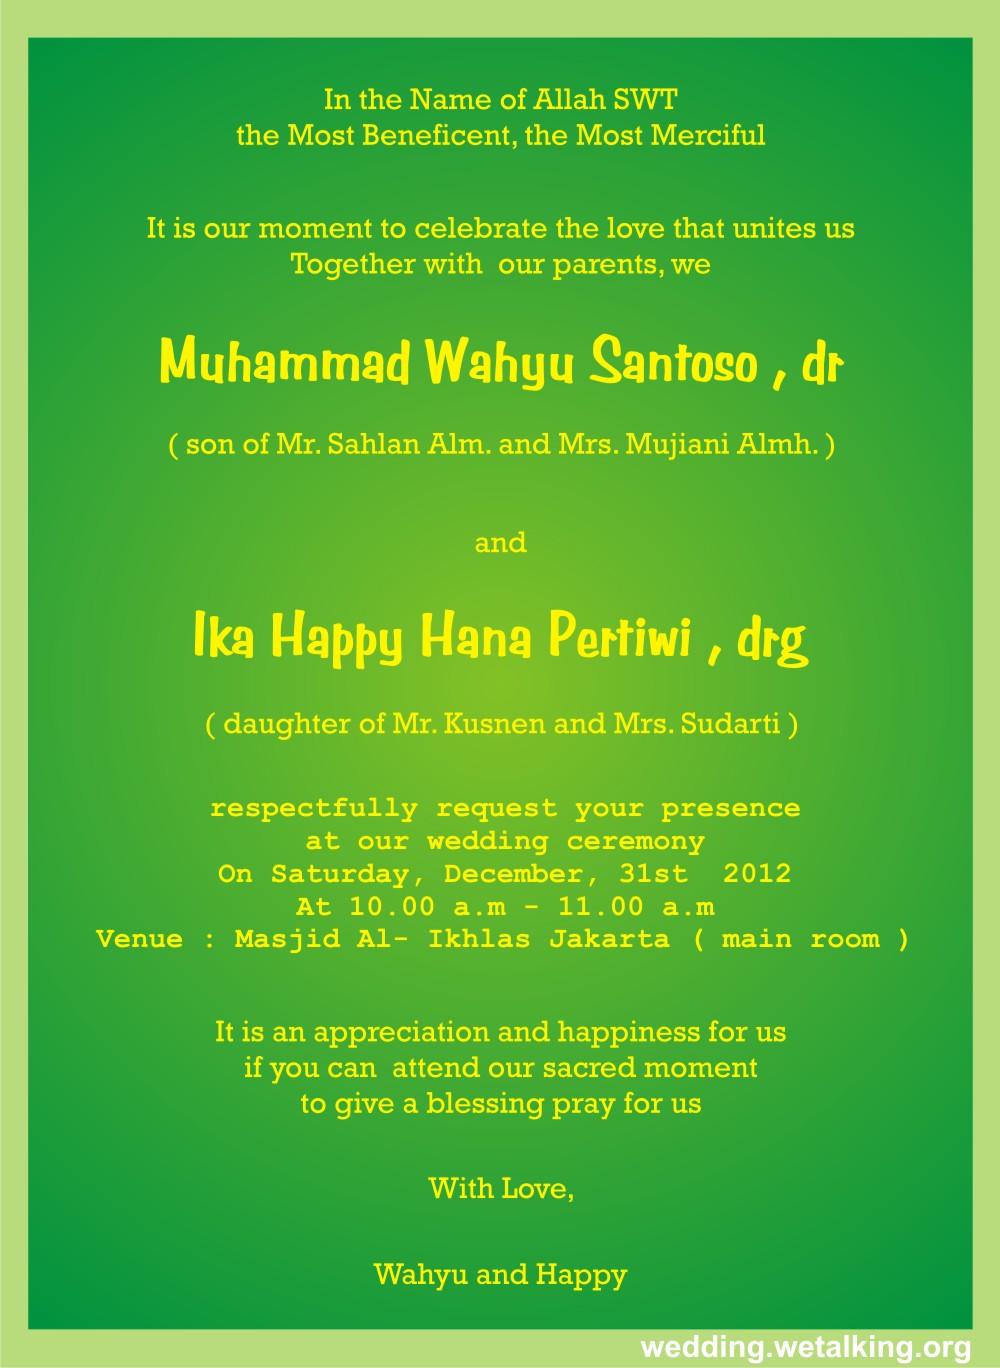 Islamic Marriage Quotes For Invitations QuotesGram